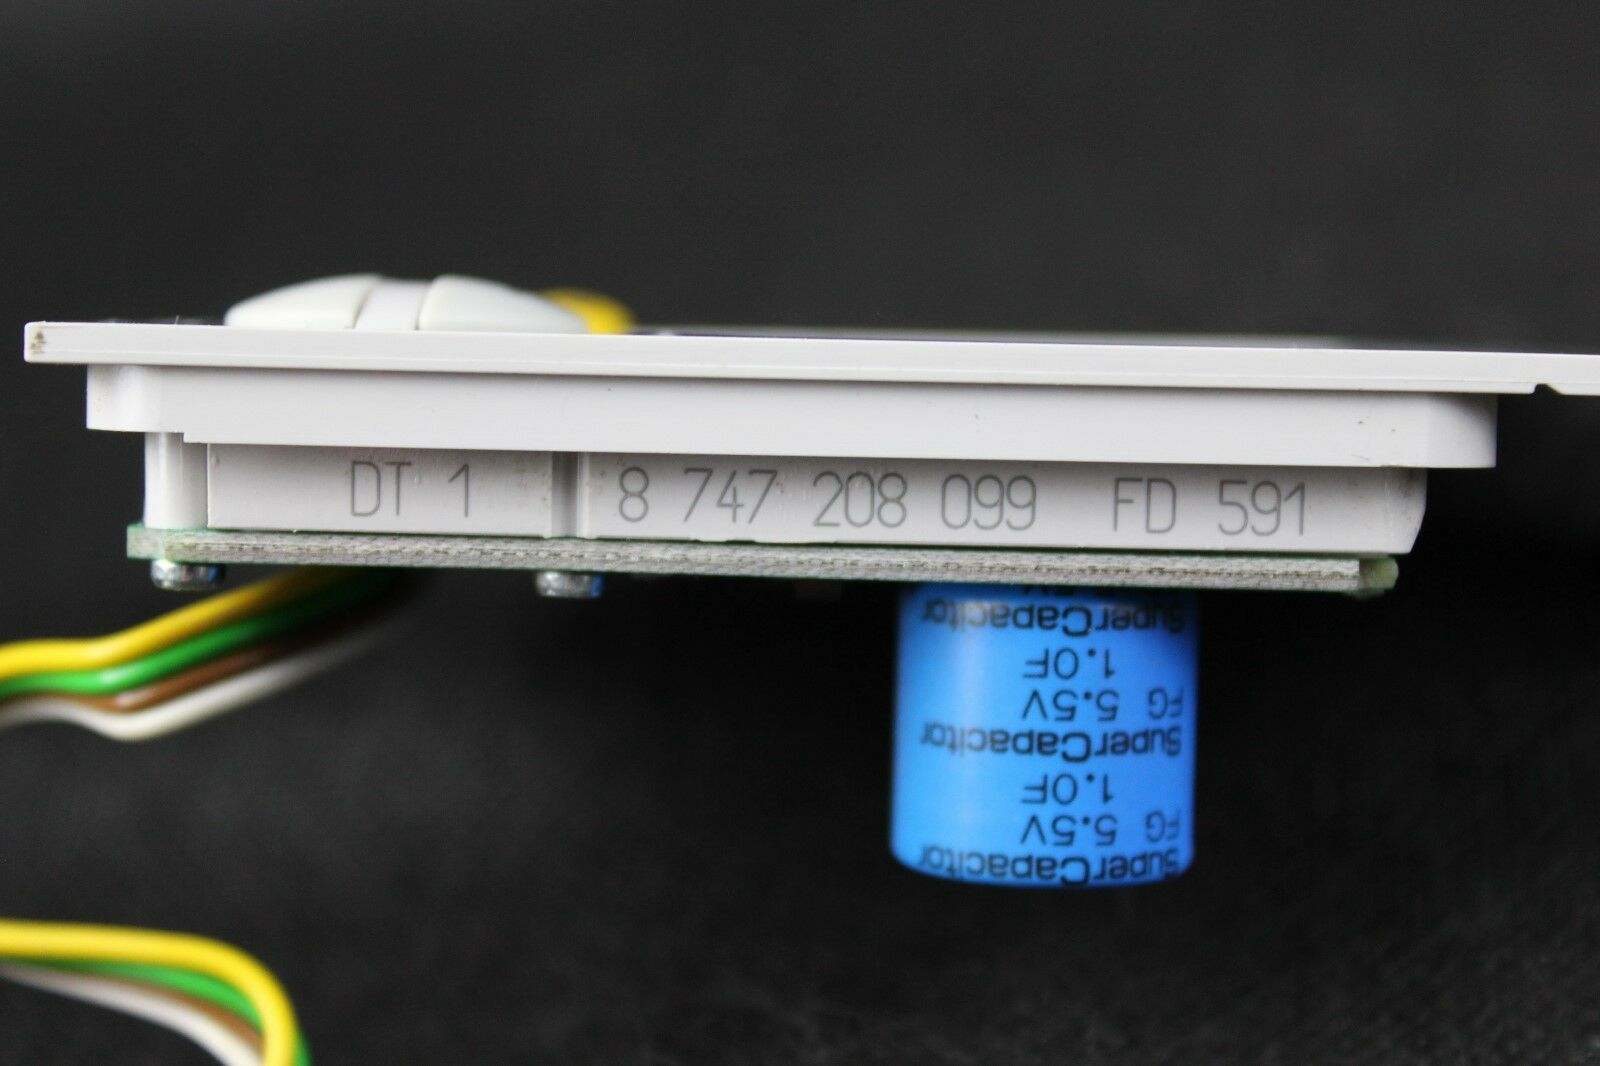 Junkers DT 1 Schaltuhr 8747208099 / DT1 Digitale Zeitschaltuhr Zeitschaltuhr Zeitschaltuhr FD 591      1 9abc02